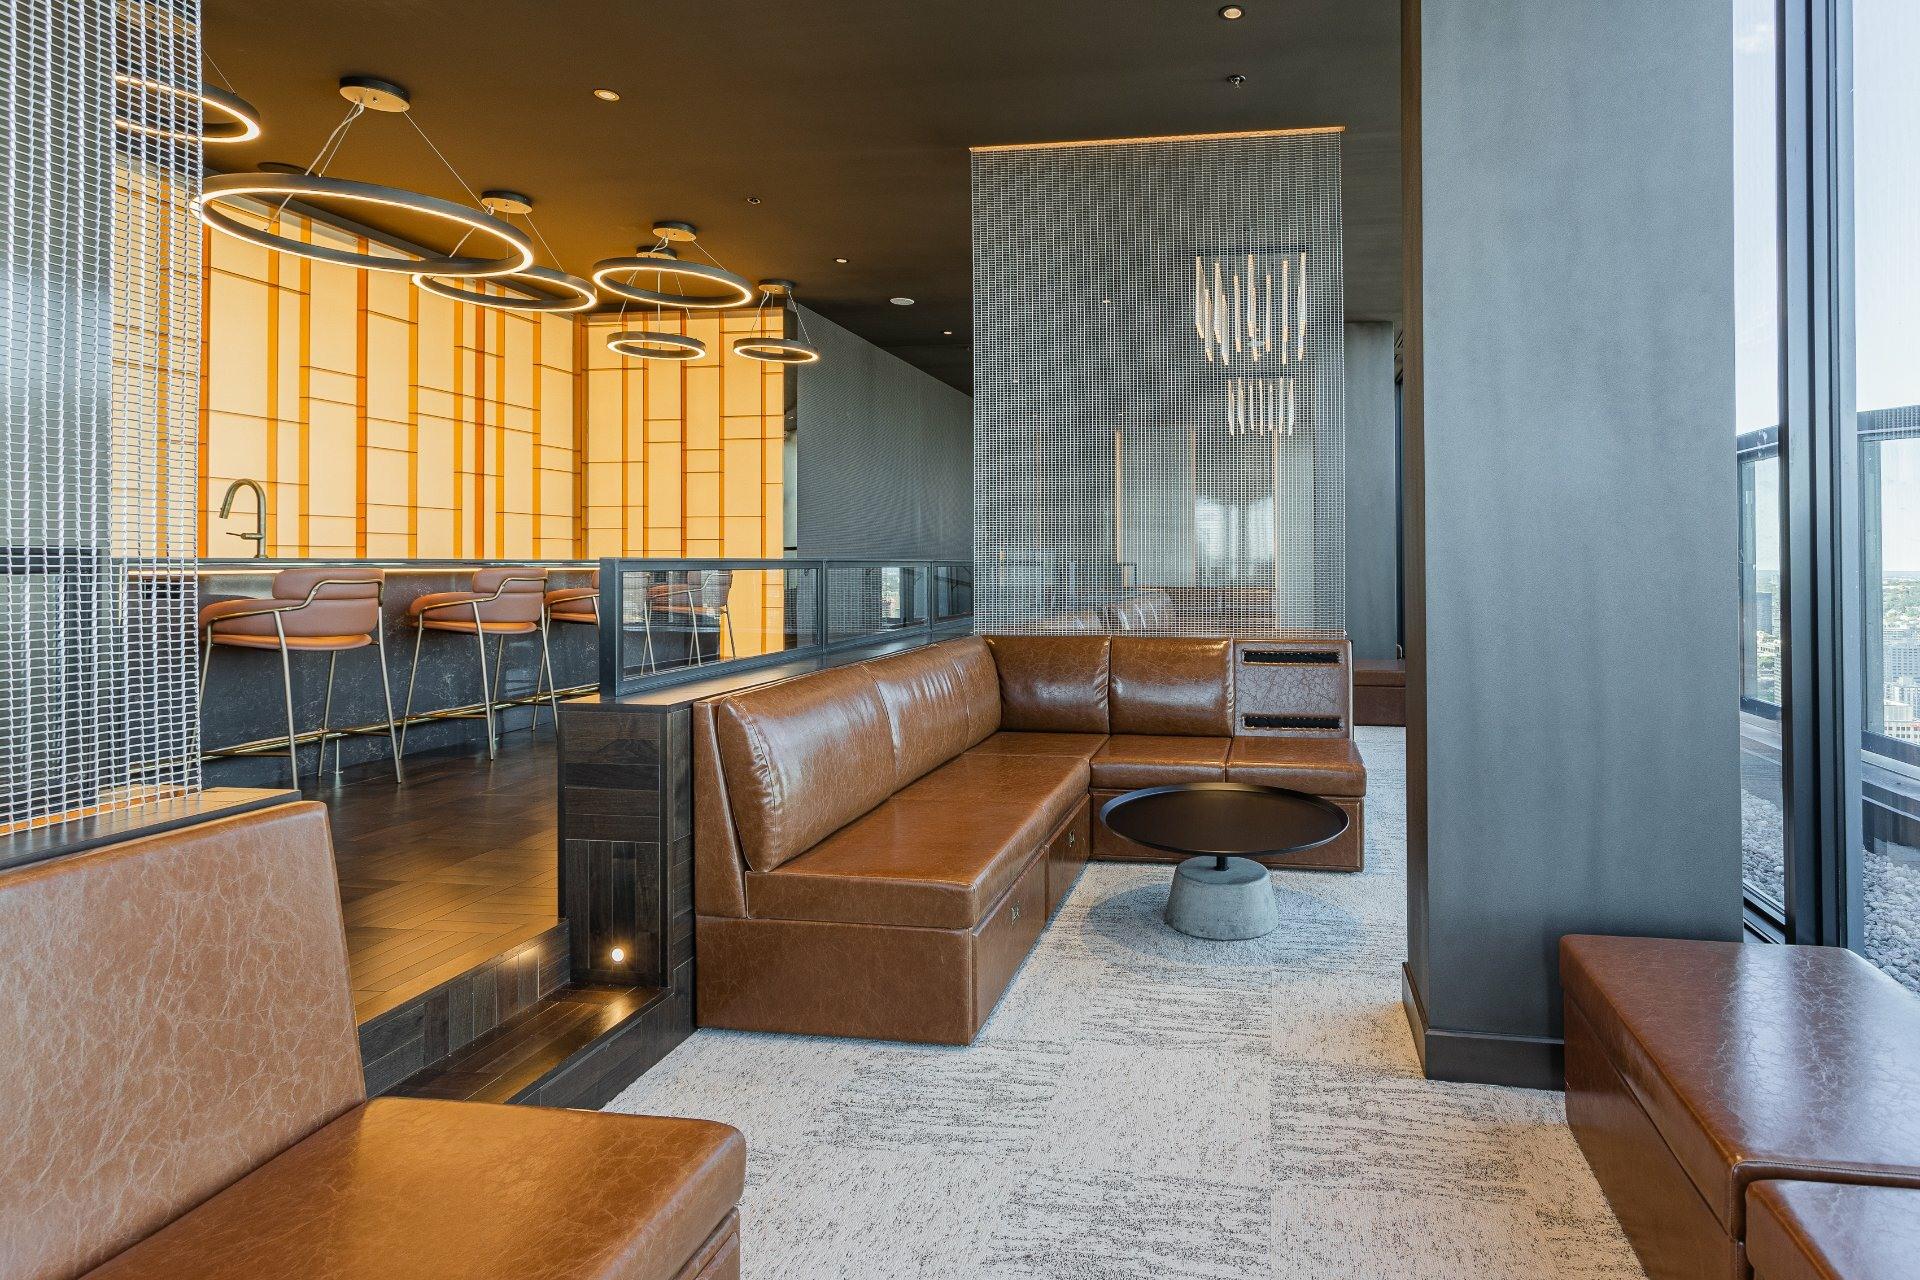 image 23 - Apartment For rent Ville-Marie Montréal  - 5 rooms